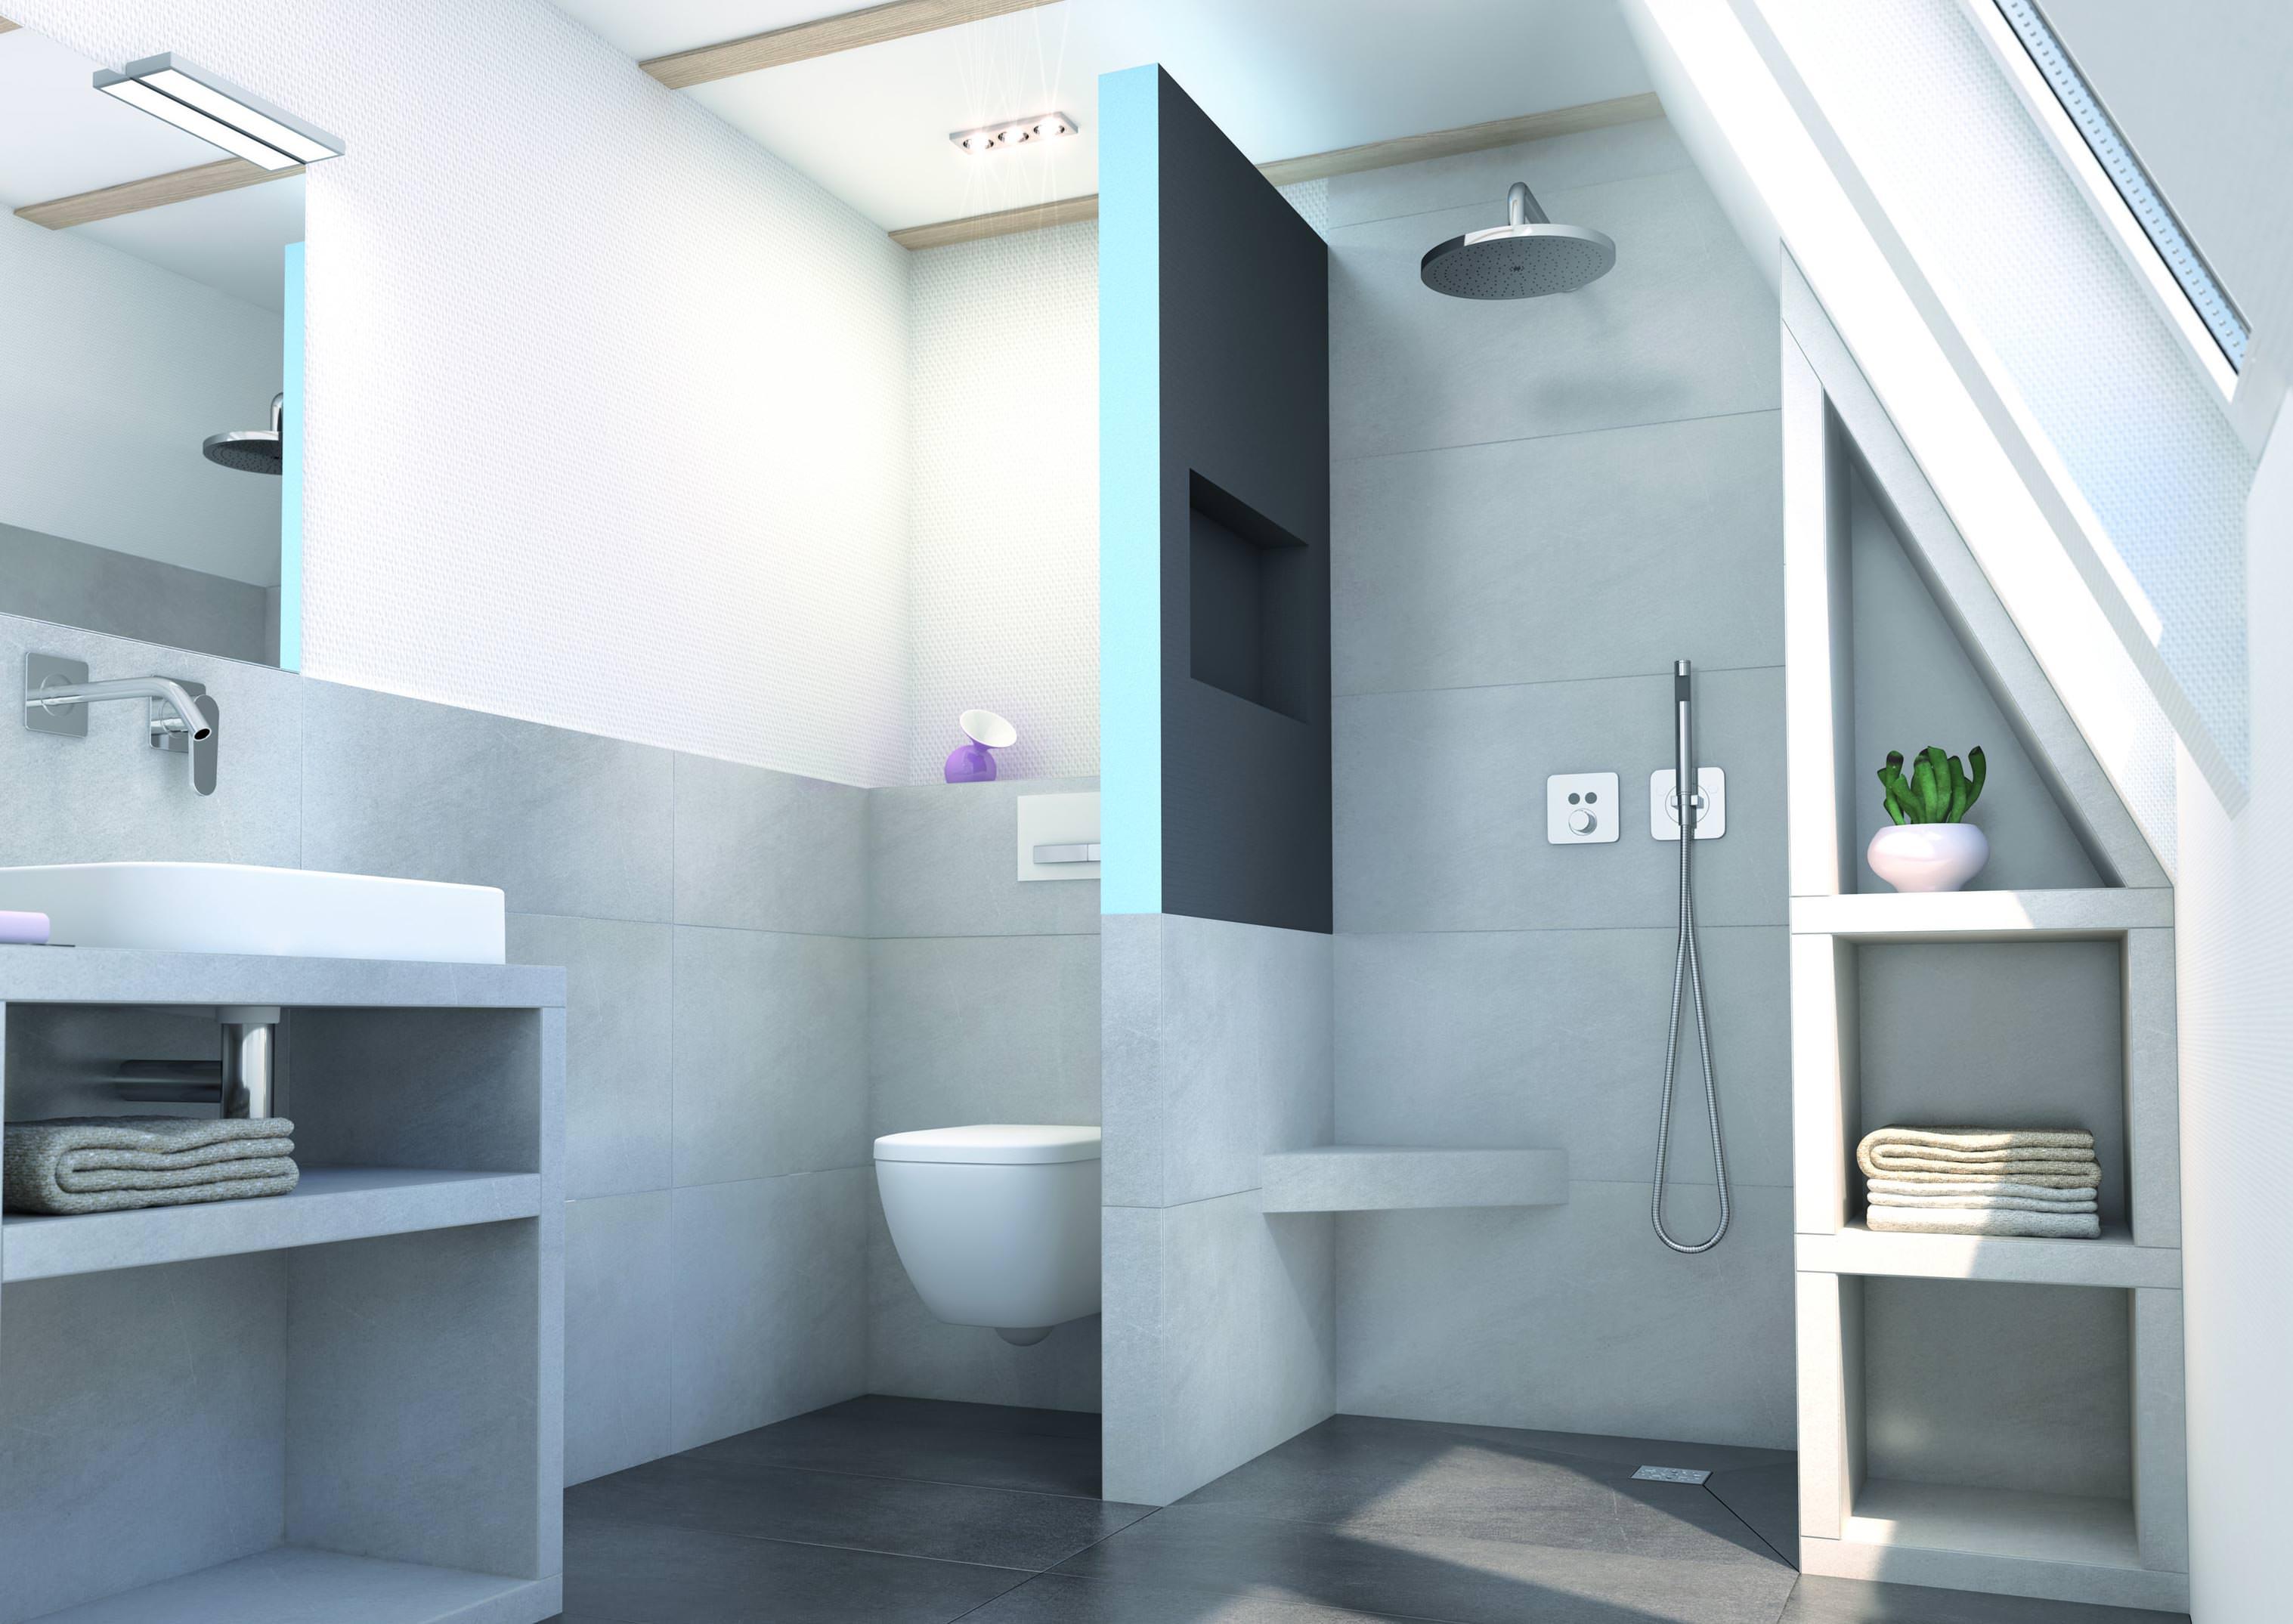 (22.11.2017) Um Platzsparende Nischen In Badezimmern Oder Anderen  Feuchtigkeitsbeanspruchten Räumlichkeiten Wie Wellnessanlagen Oder Spas Zu  Installieren, ...